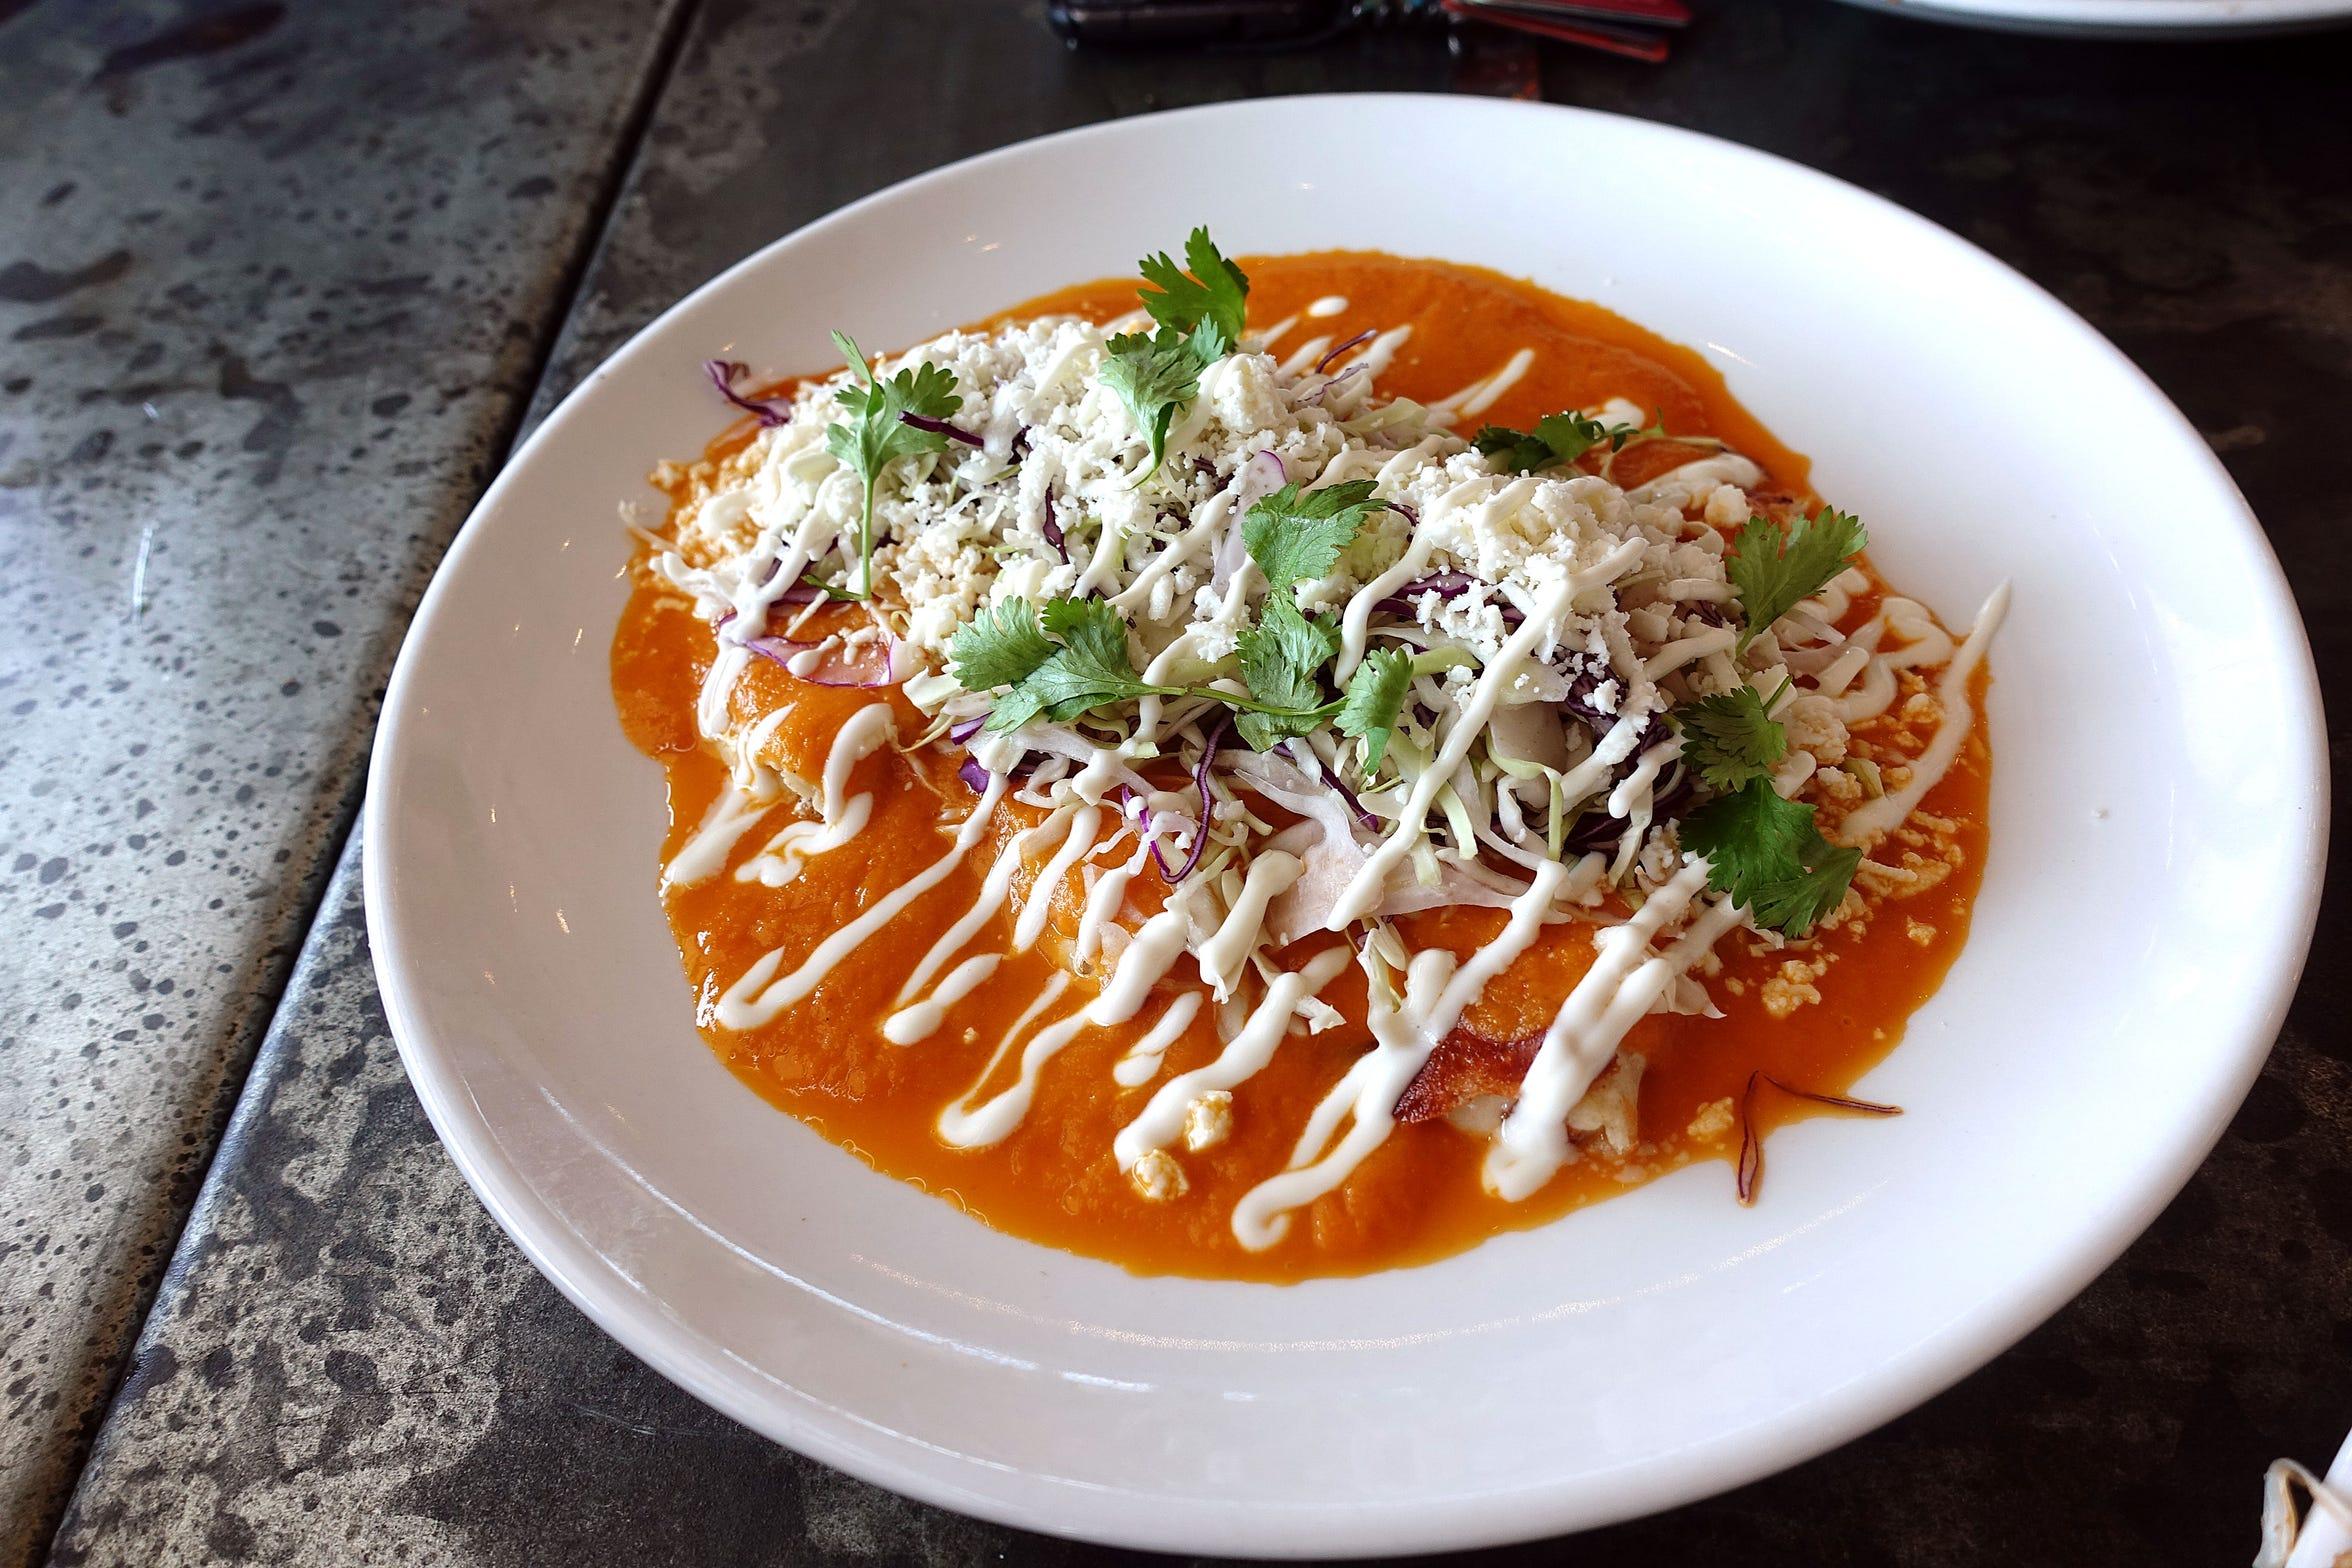 Entomatadas with corn tortillas, asadero cheese, cabbage, crema fresca, queso fresco and cilantro at Roland's Cafe Market Bar.